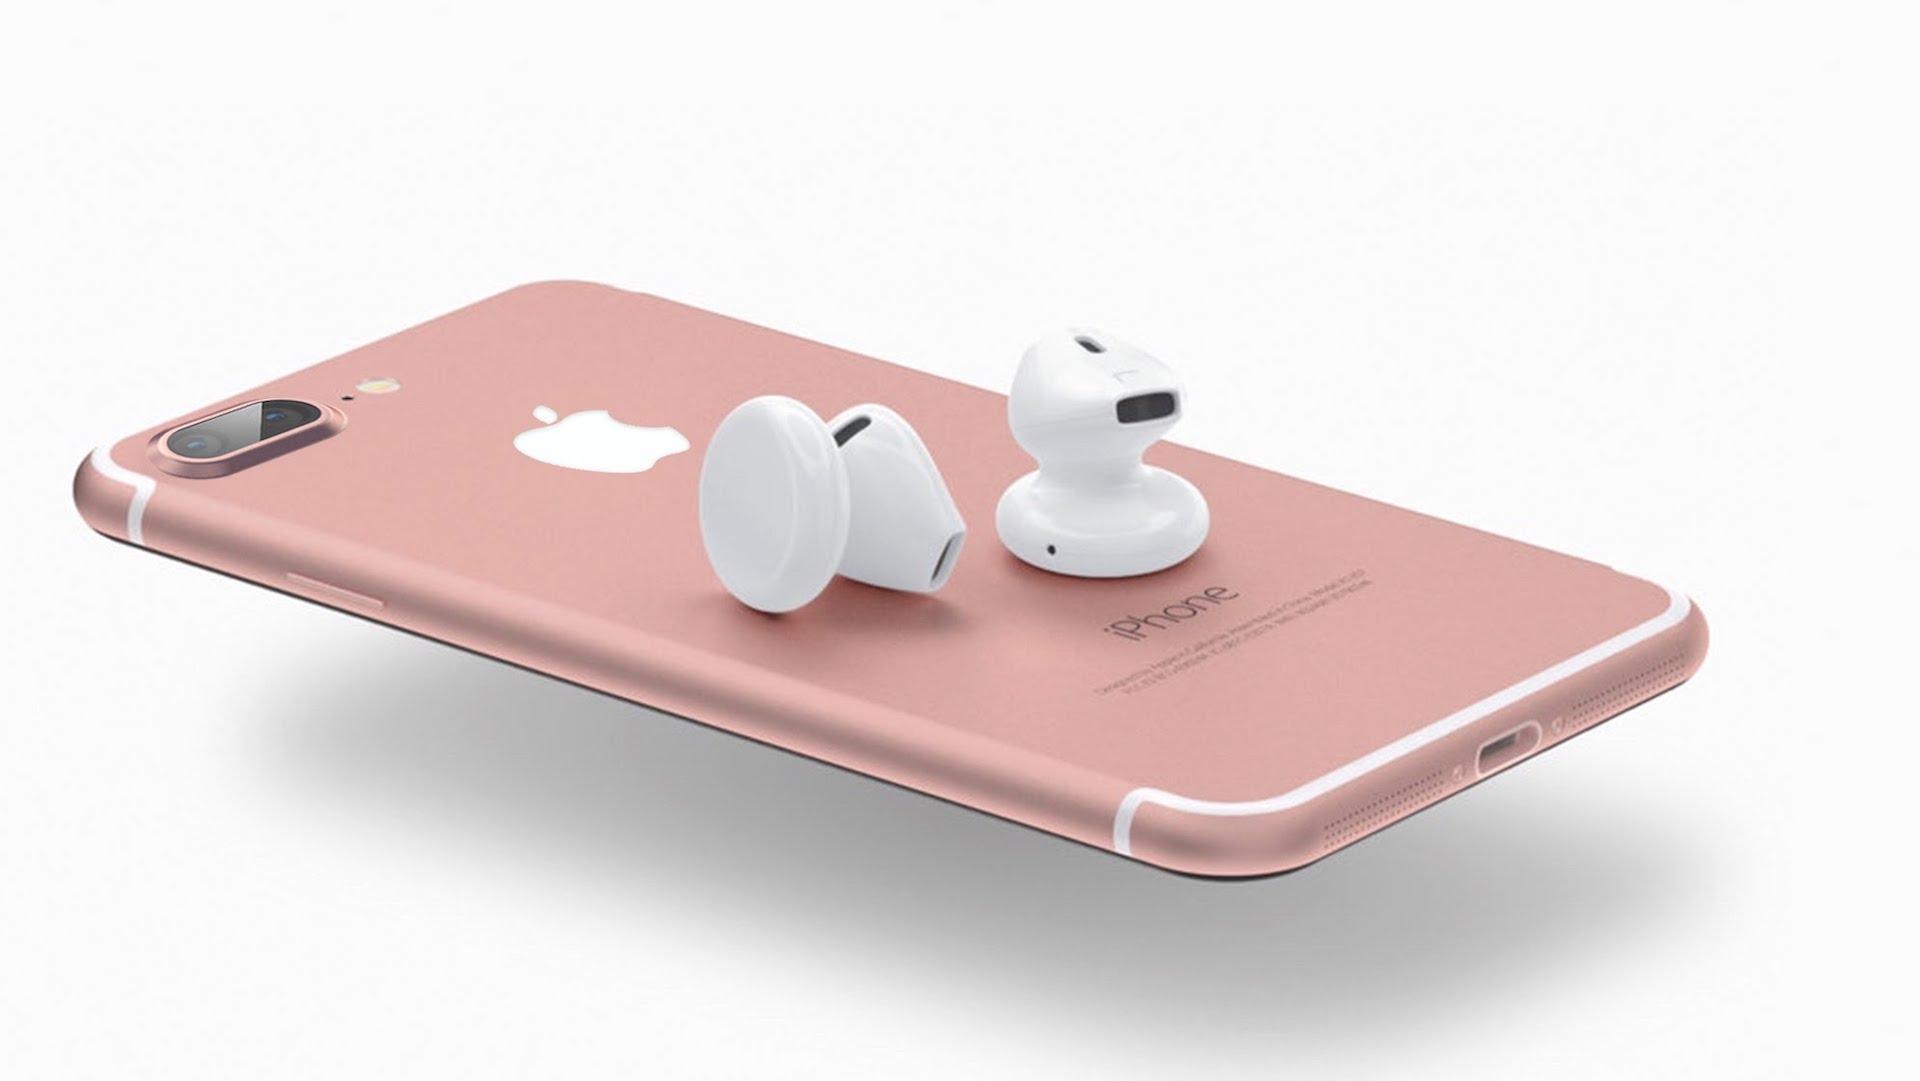 El iPhone 7 se lanza en la semana del 12 de septiembre